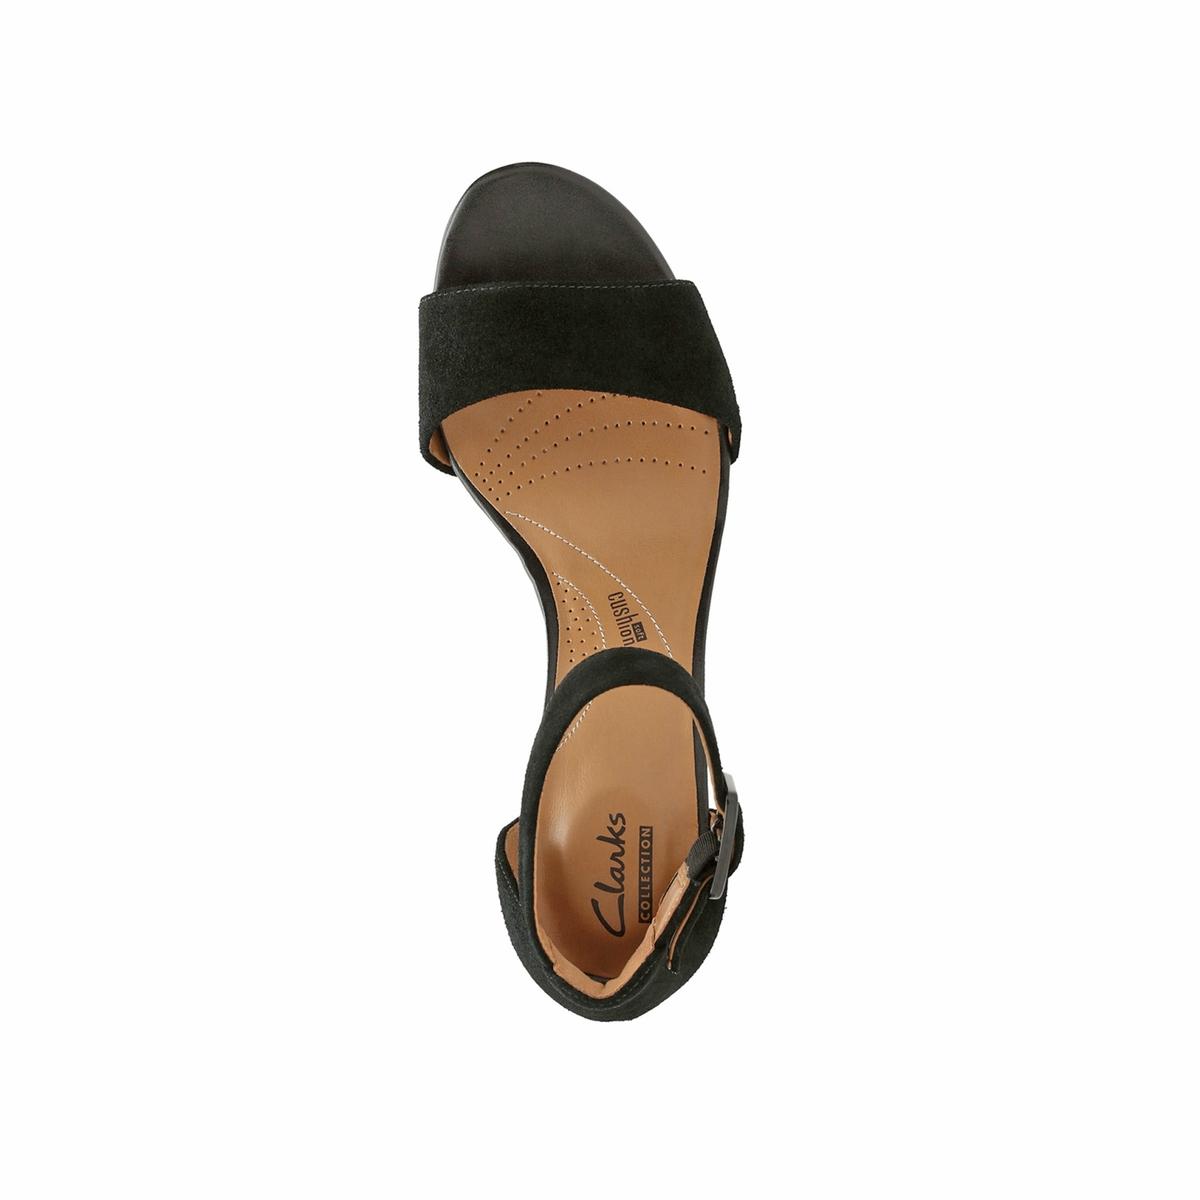 Imagen secundaria de producto de Sandalias de piel aterciopelada con tacón Deva Mae - Clarks